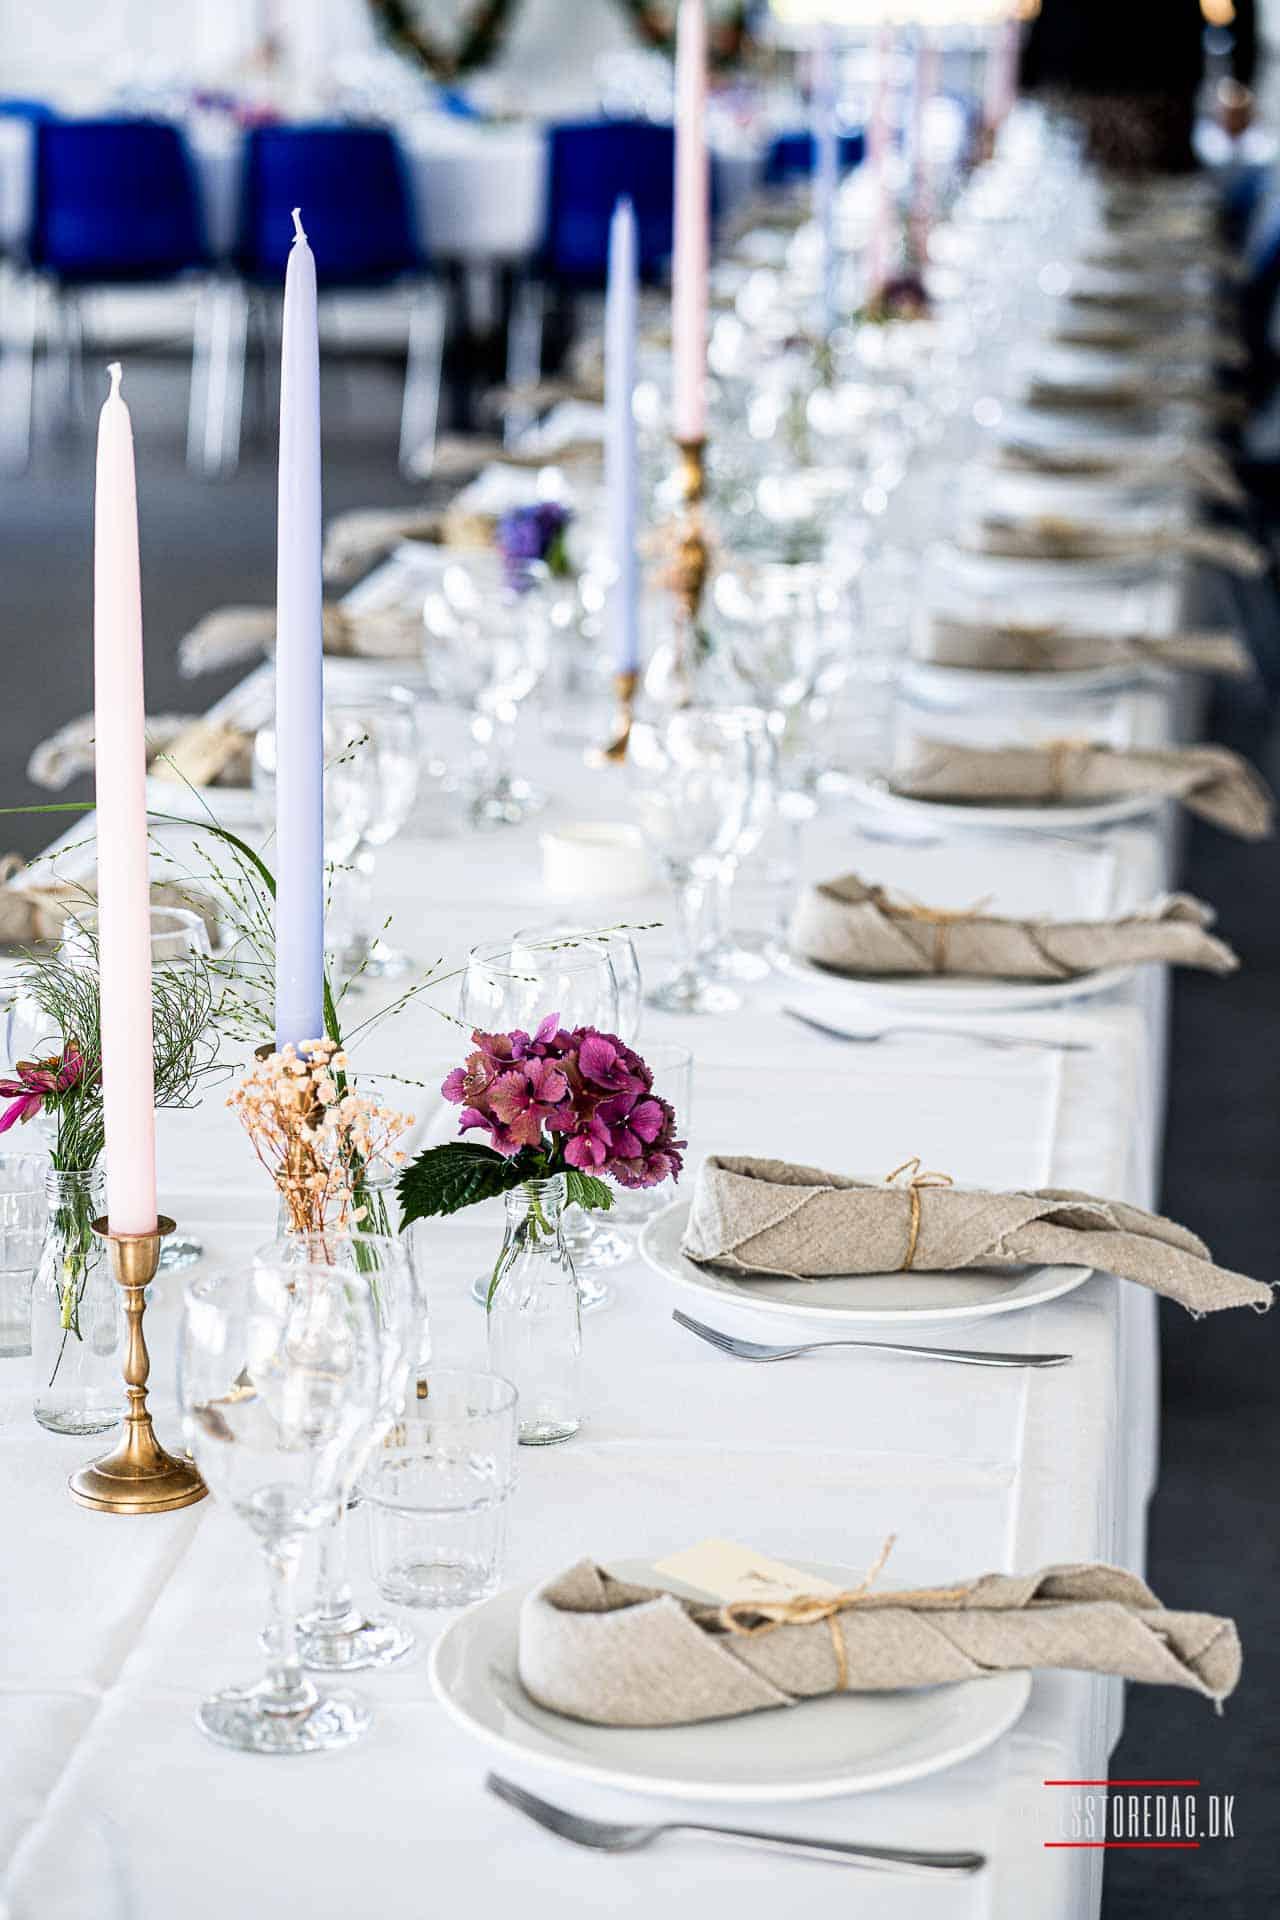 Dekoration til et udendørs bryllup